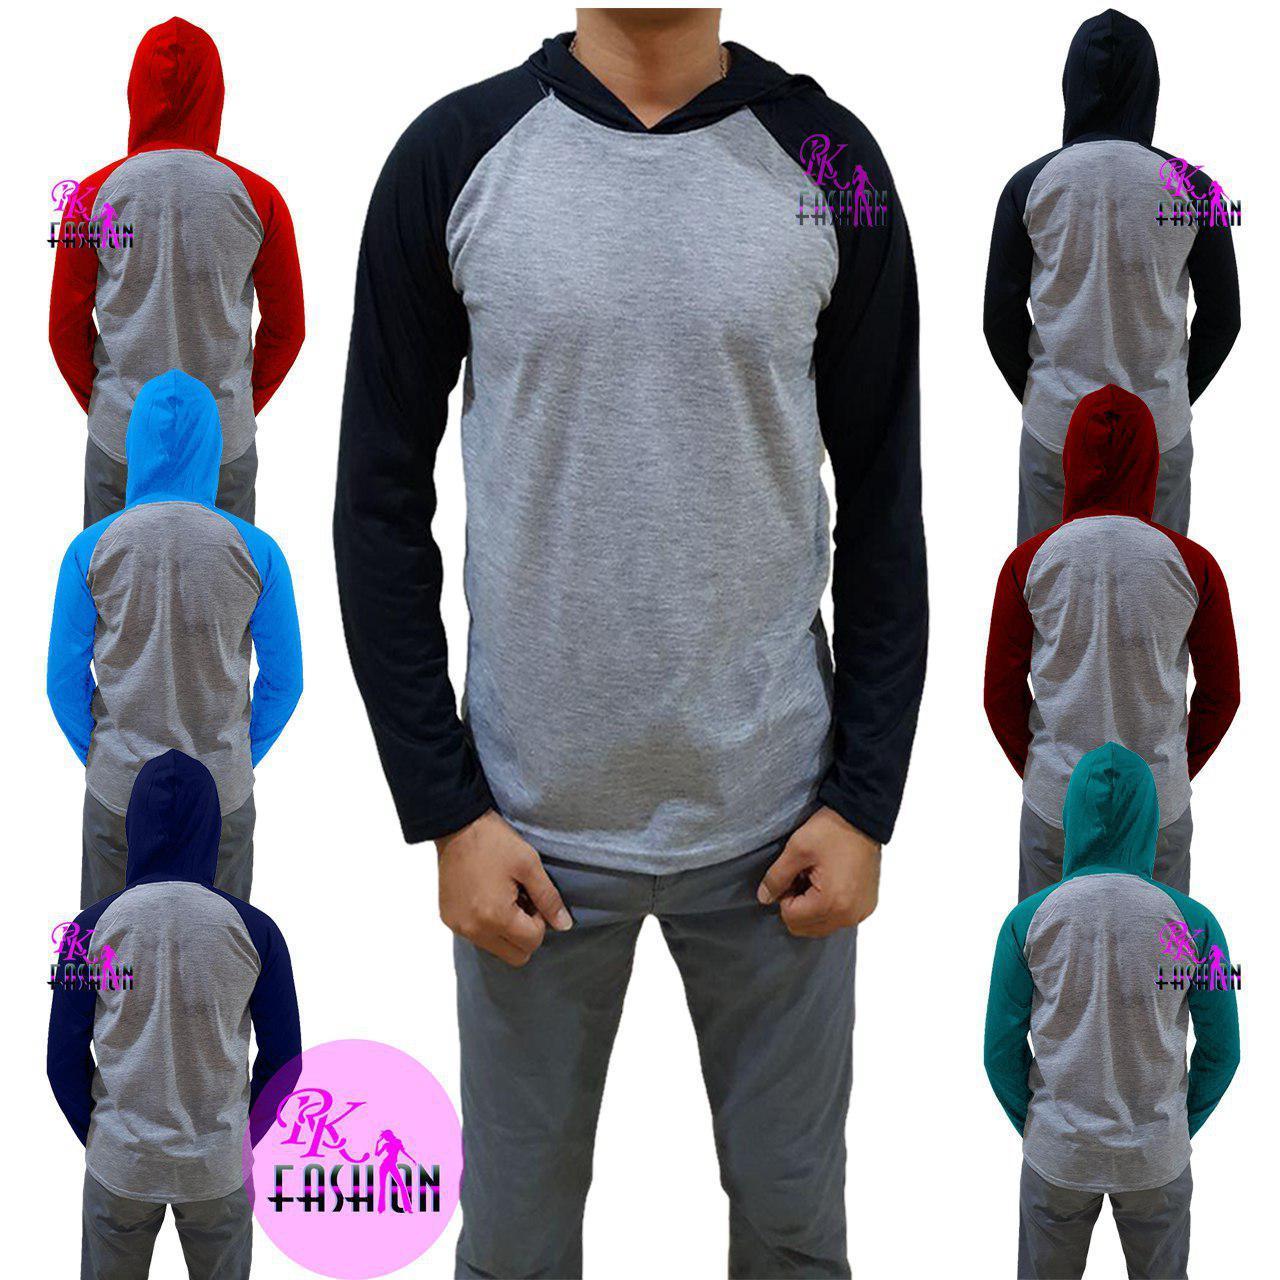 RK fashion |  kaos pria polos / kaos hoodie polos / kaos raglan hoodie polos lengan panjang